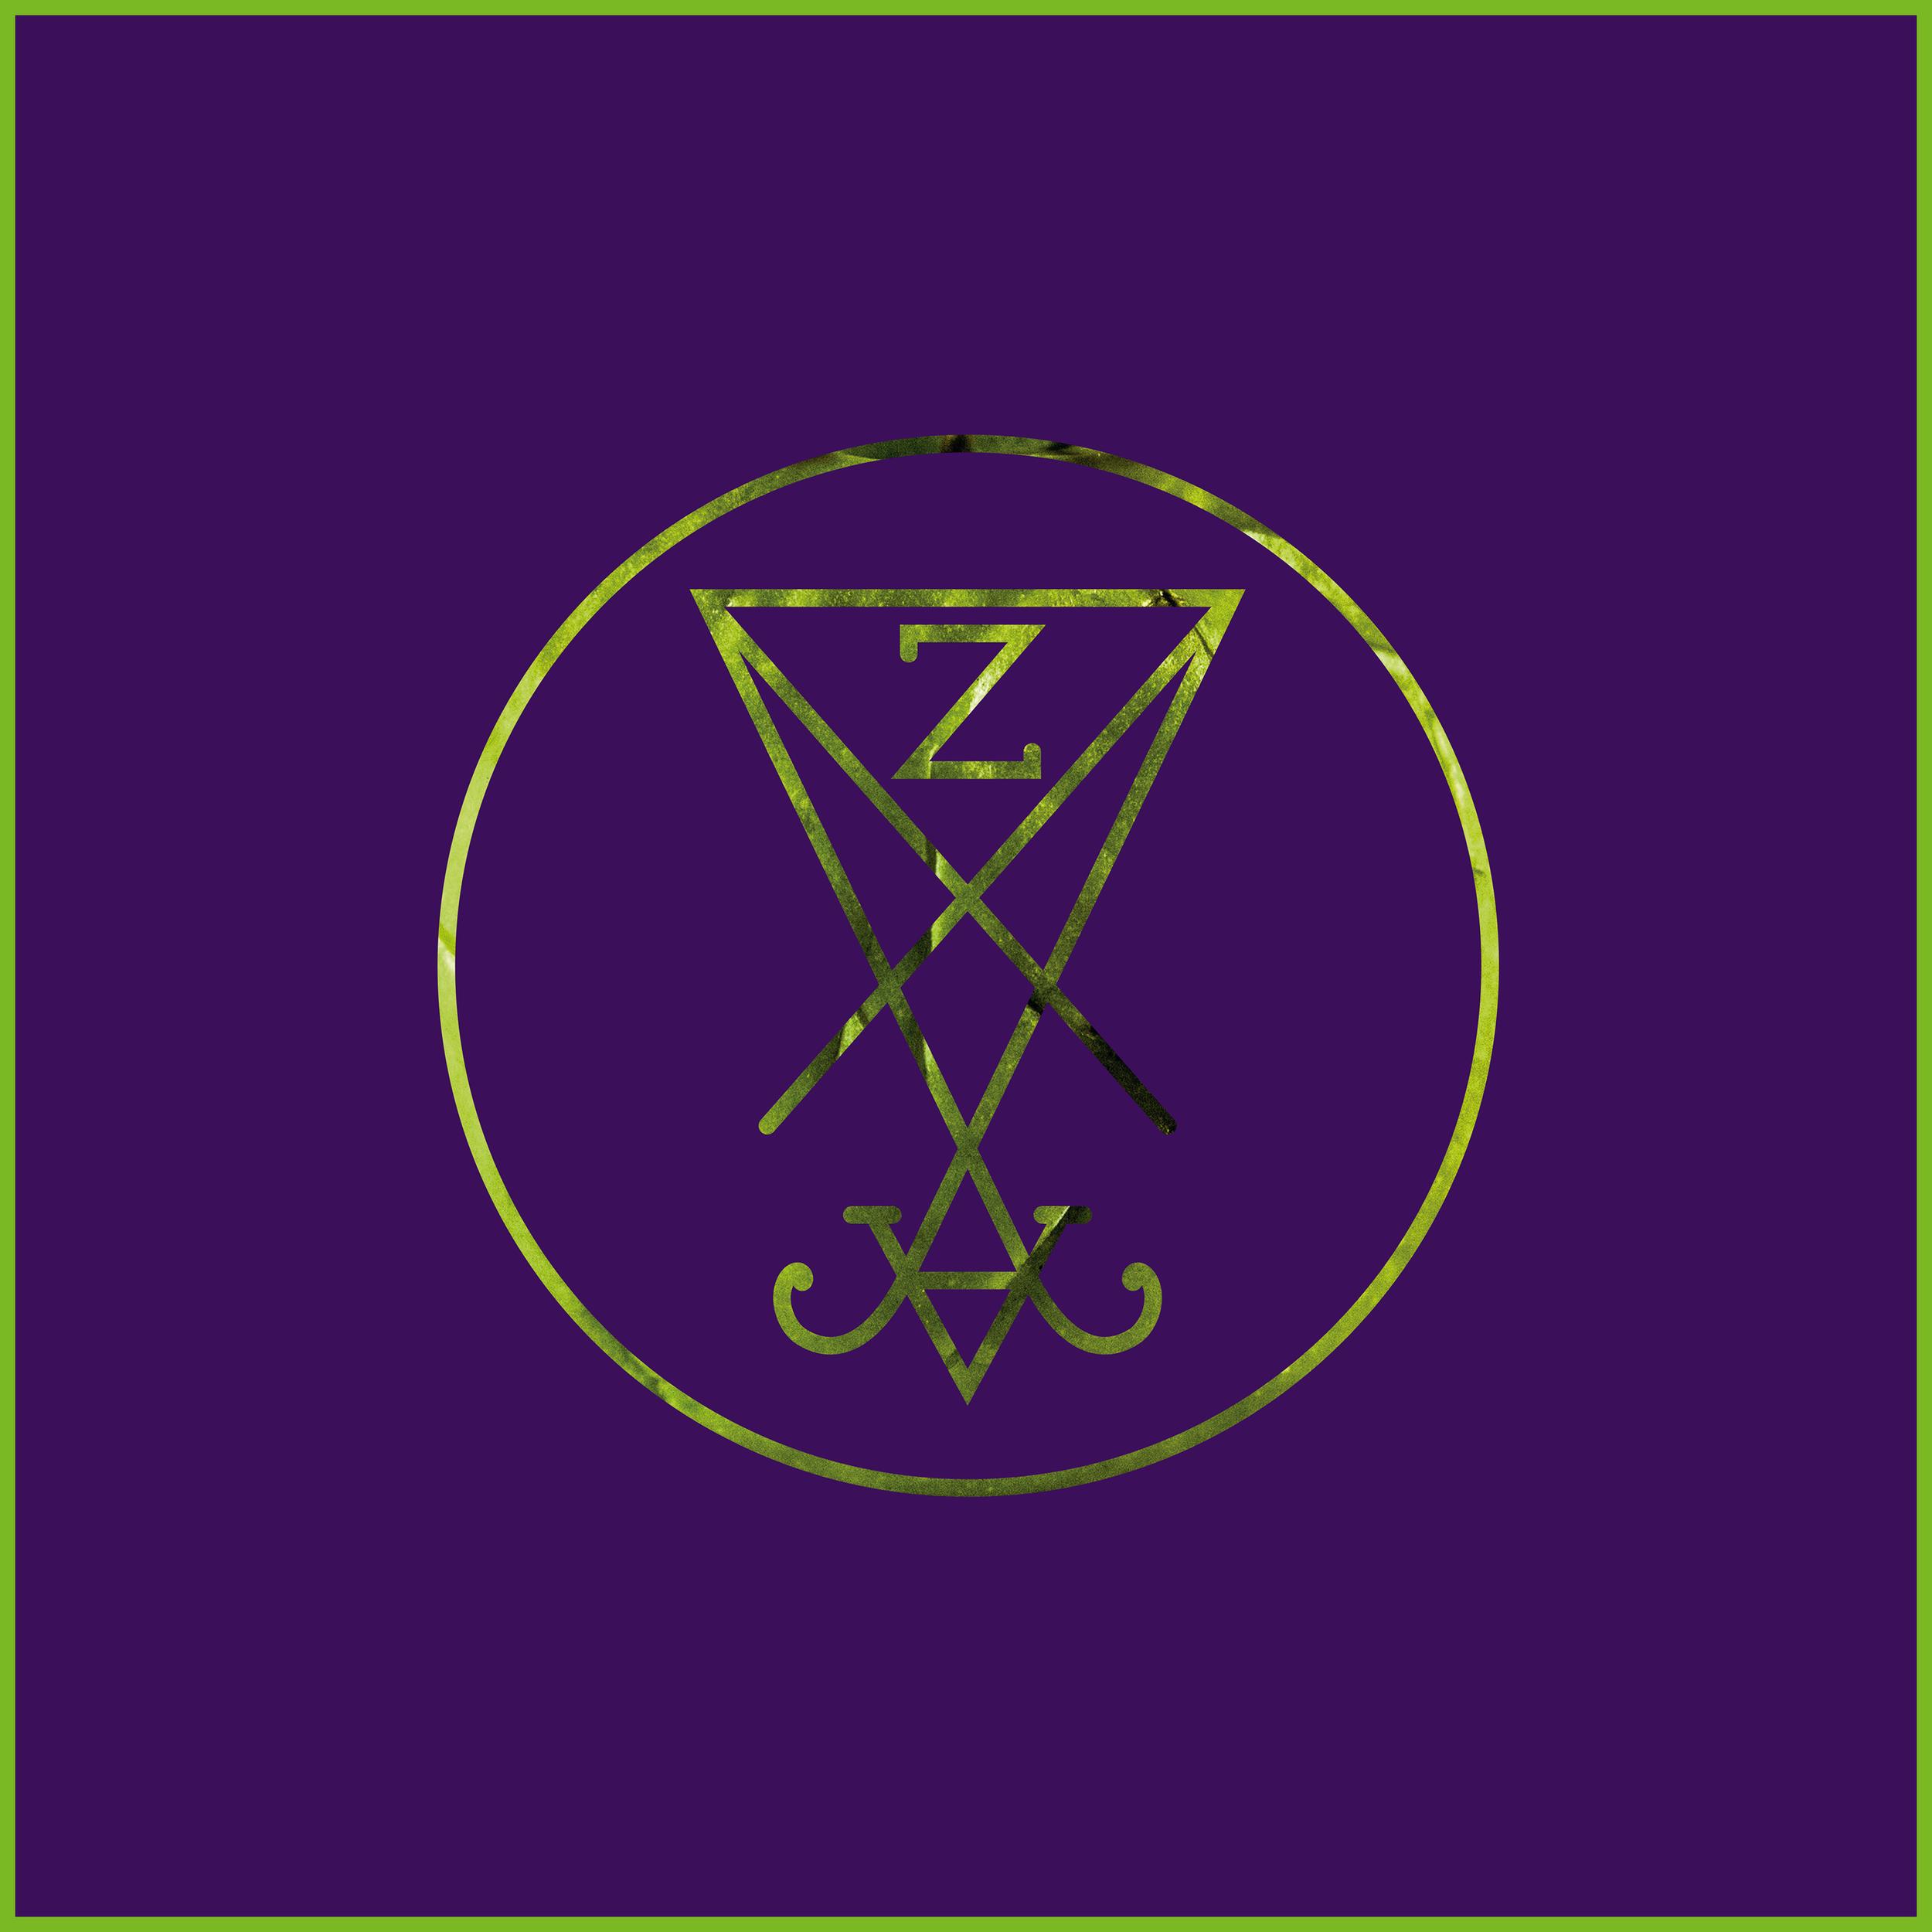 ZA_STRANGER-FRUITS_ARTWORK_WEB_Green-frame.png